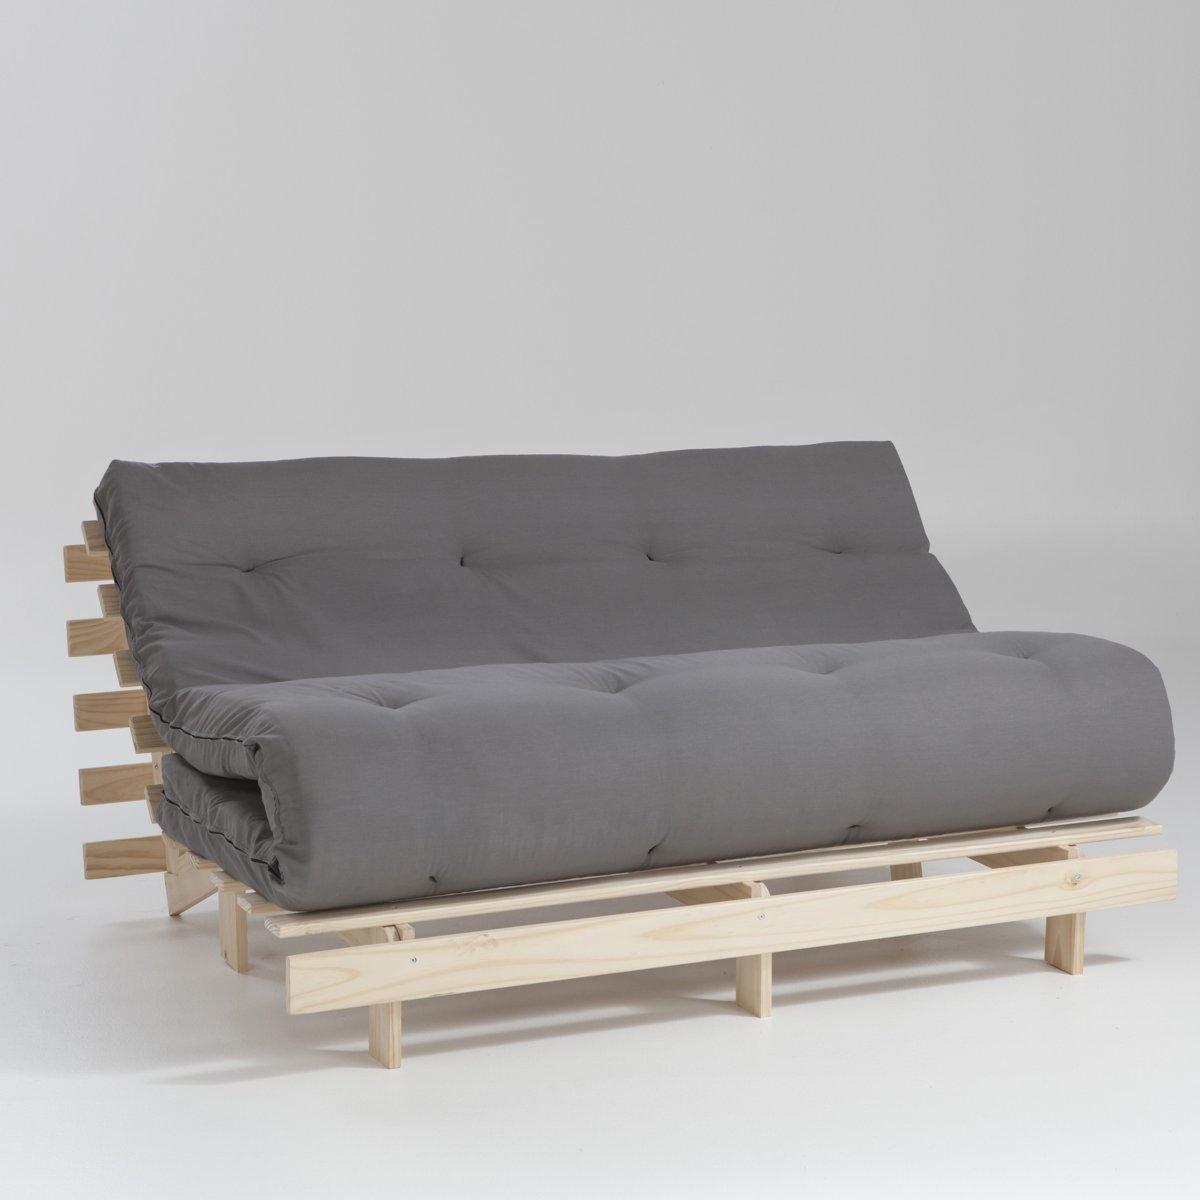 Матрас La Redoute Хлопчатобумажный с покрытием из латекса шерсти и льна для скамейки THA 160 x 200 см серый стоимость